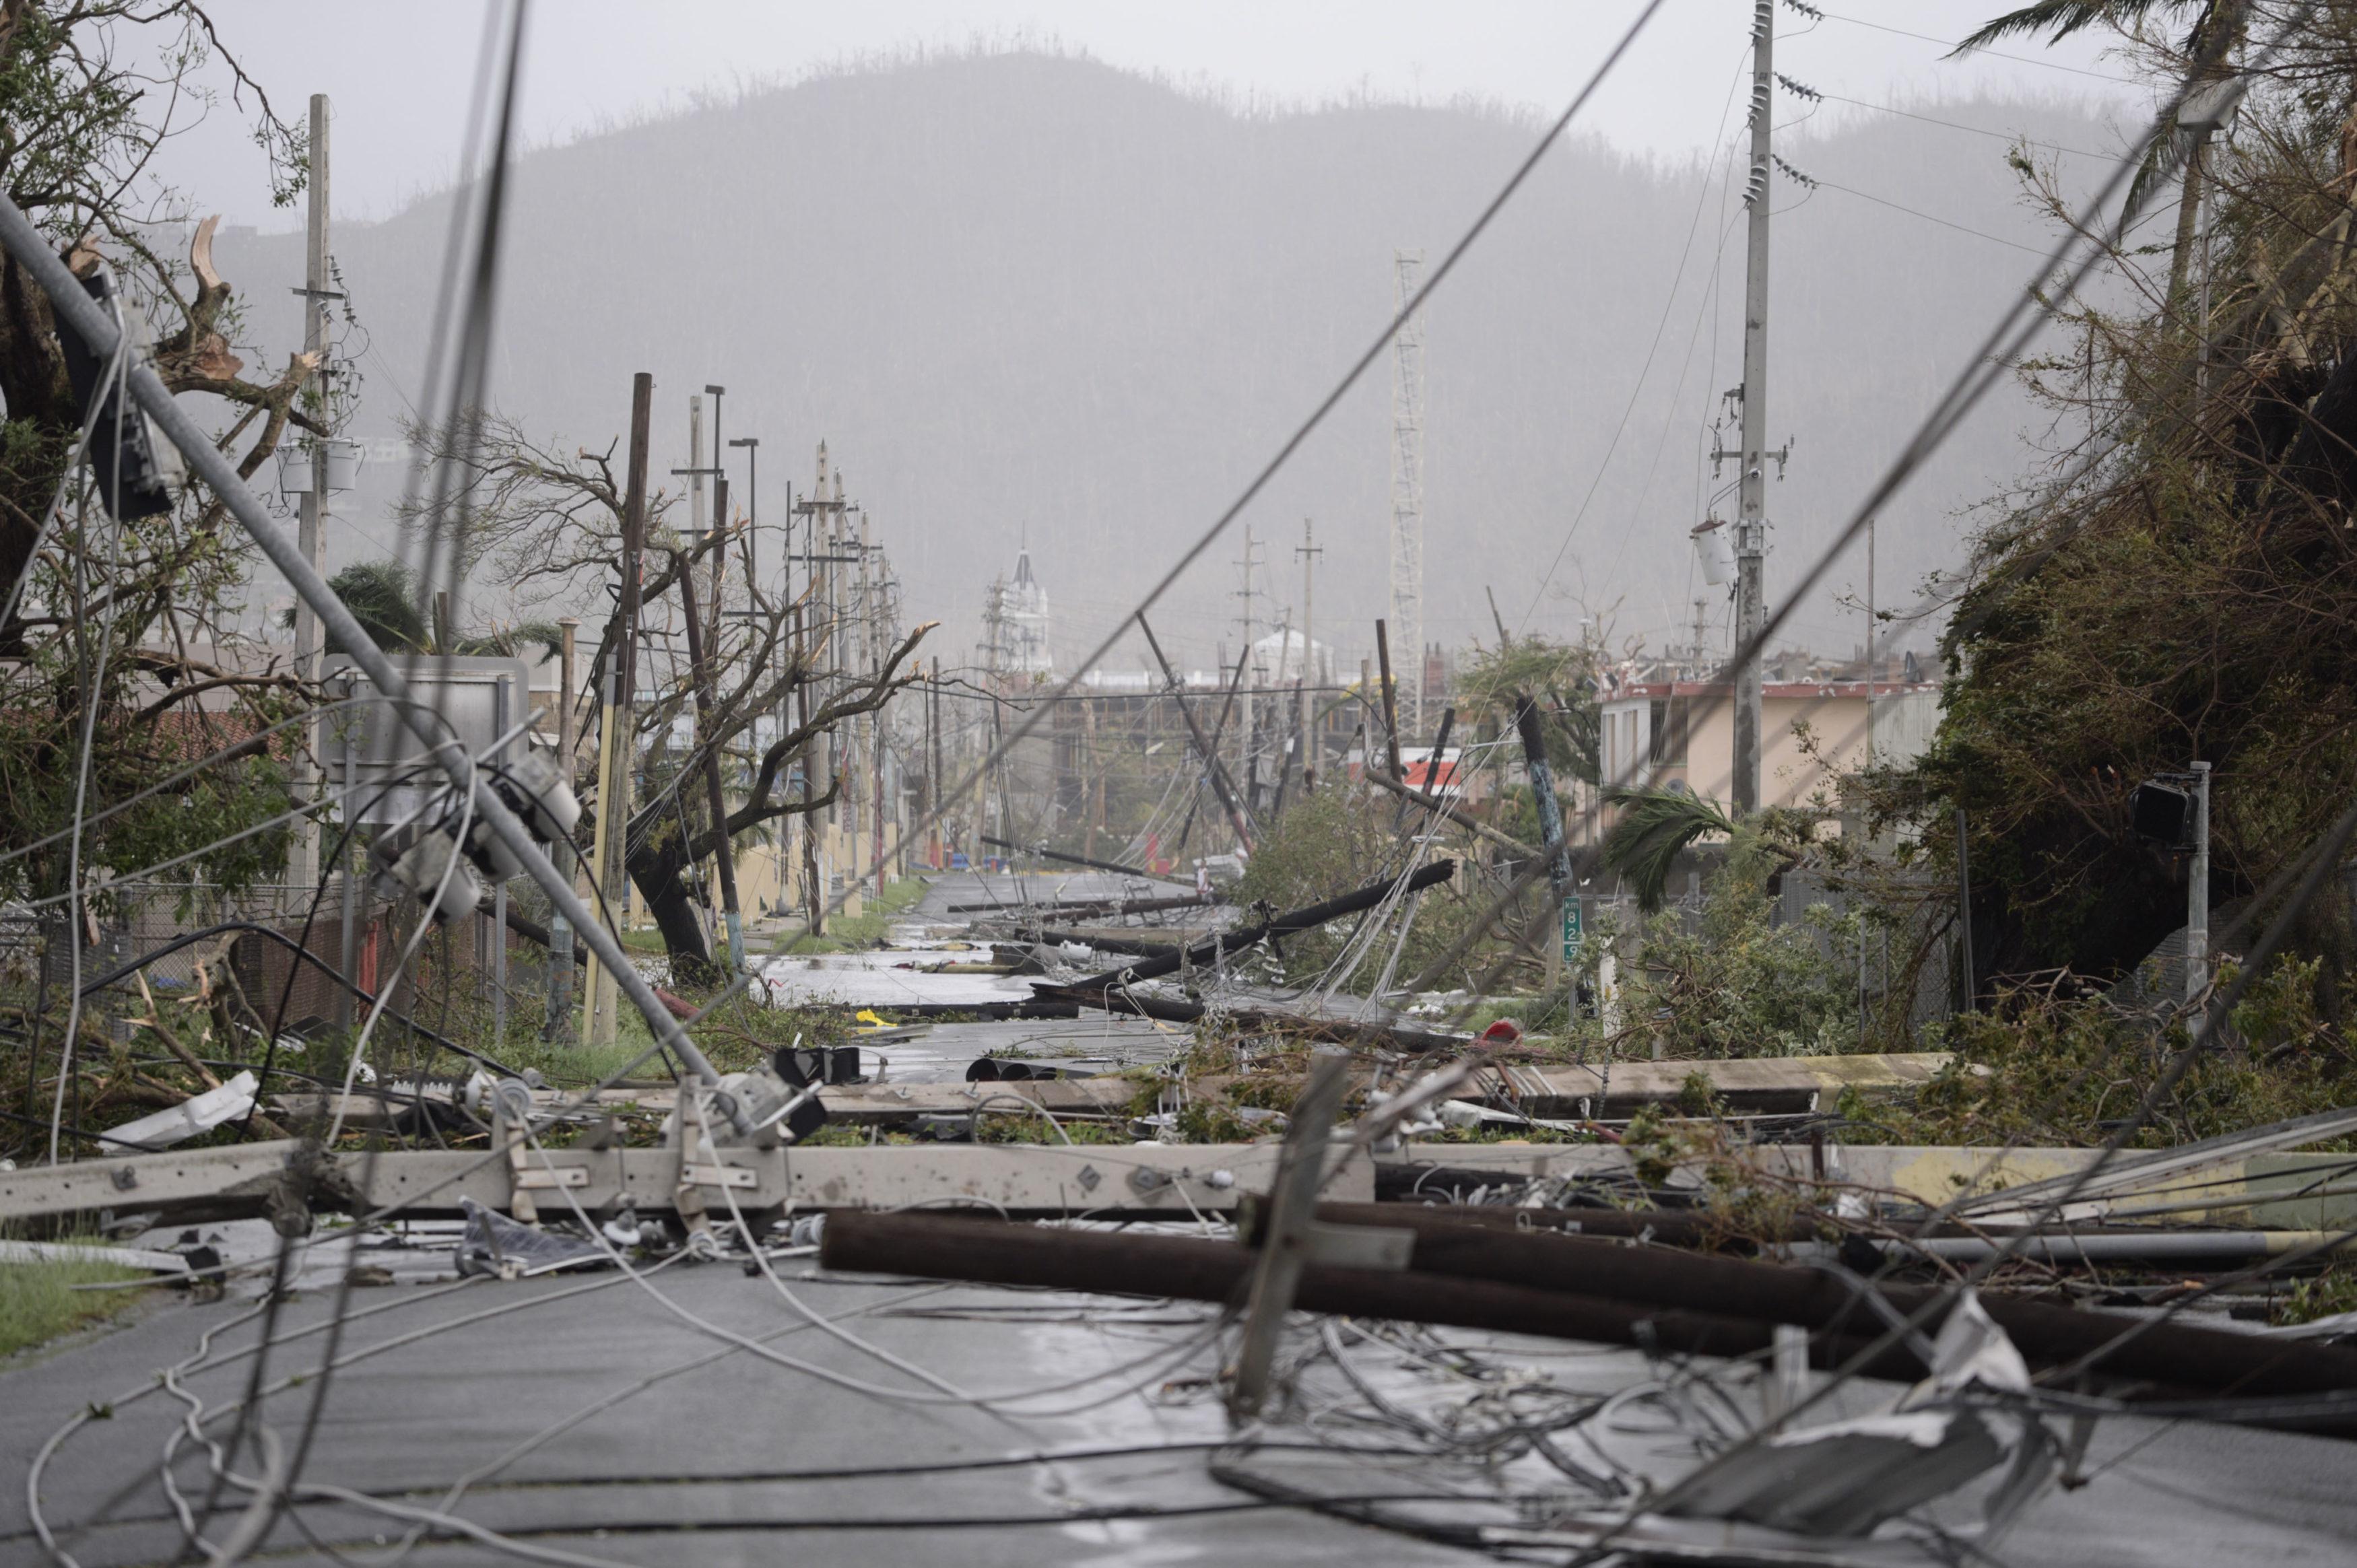 hurricane-Maria-3500x2329.jpg